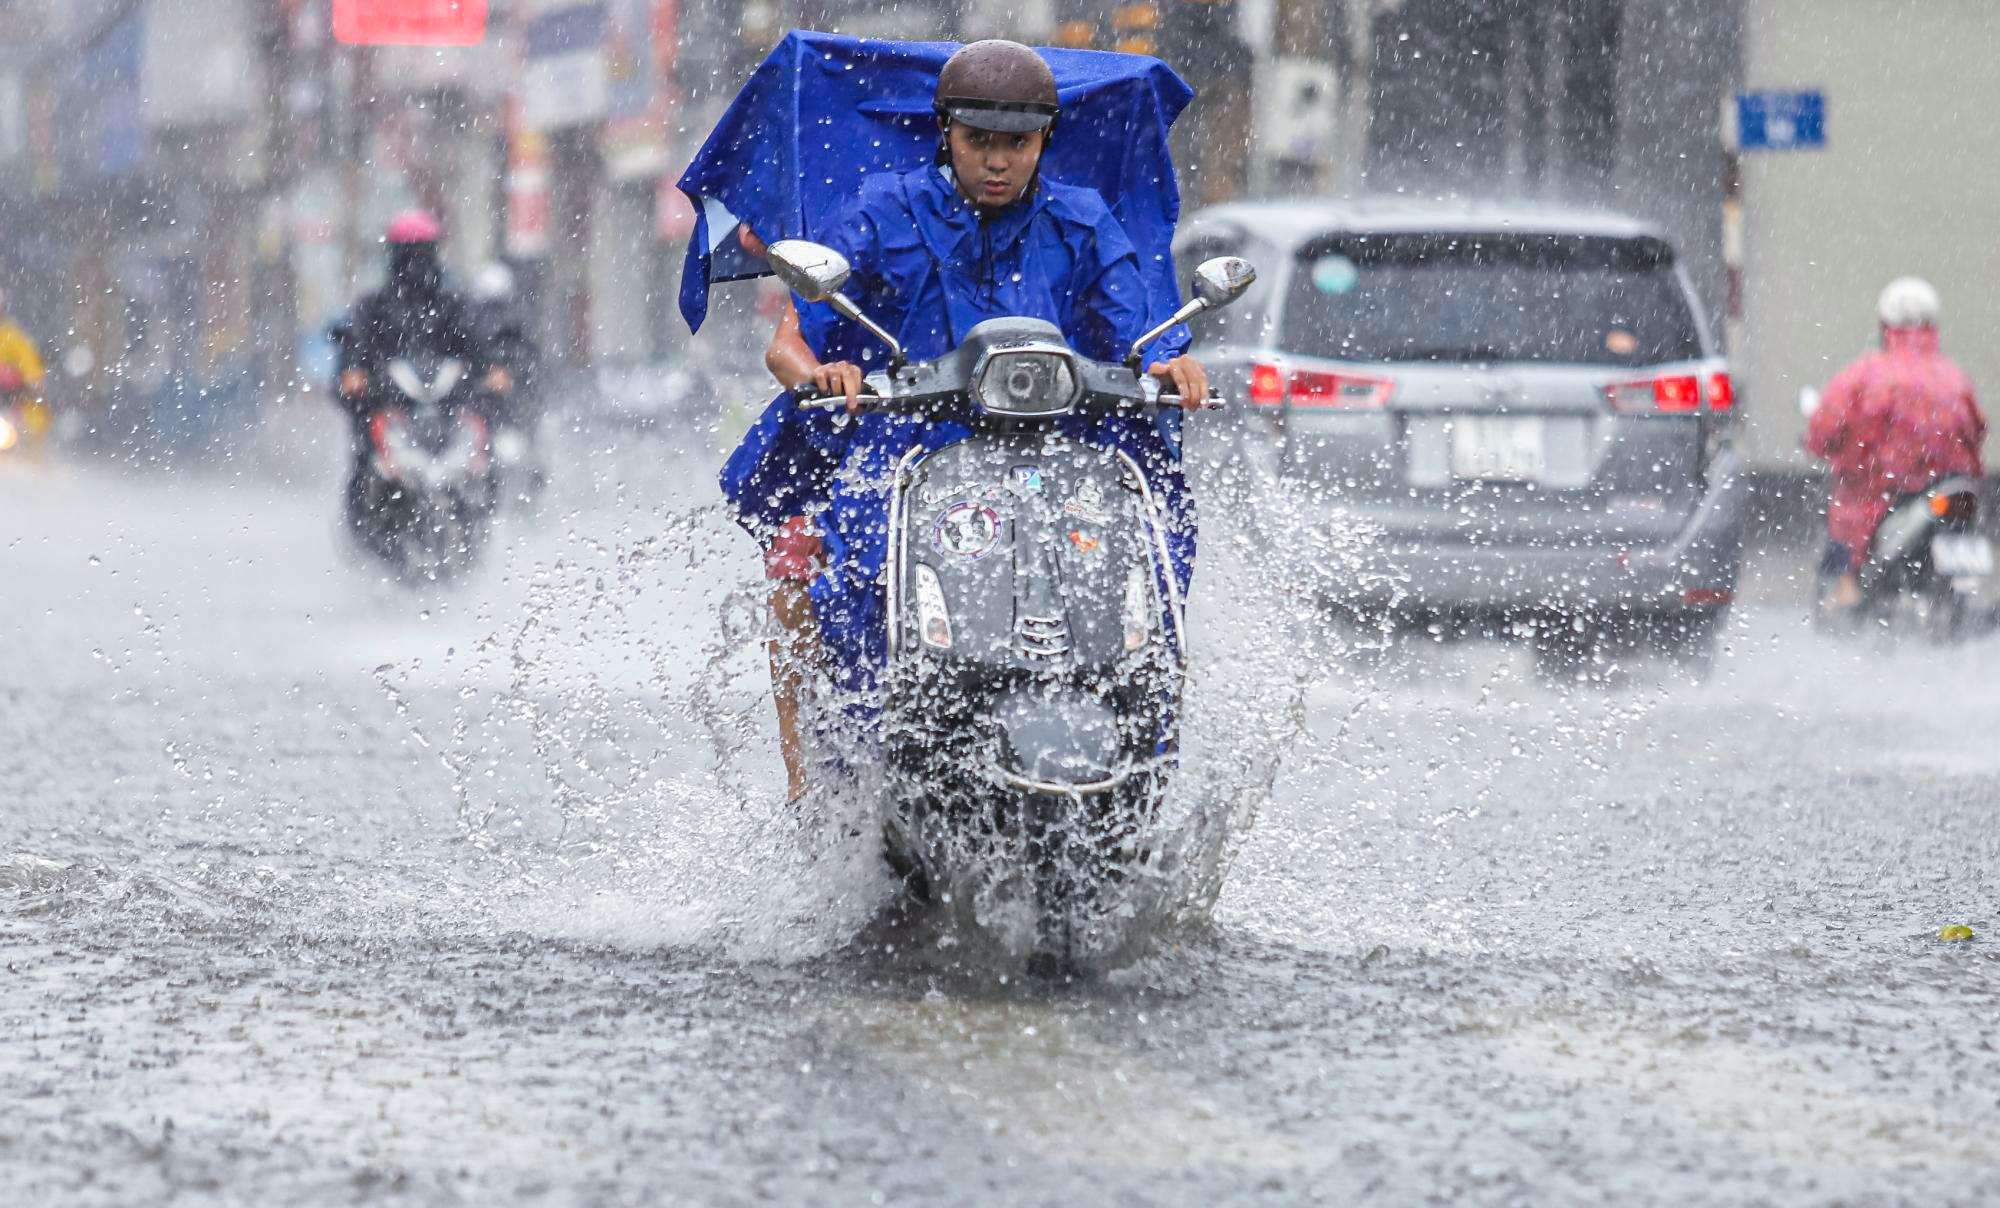 [ẢNH] Nước chảy xiết kéo nhiều xe máy đổ nhào giữa phố Sài Gòn, người dân dắt bộ cho an toàn - Ảnh 1.